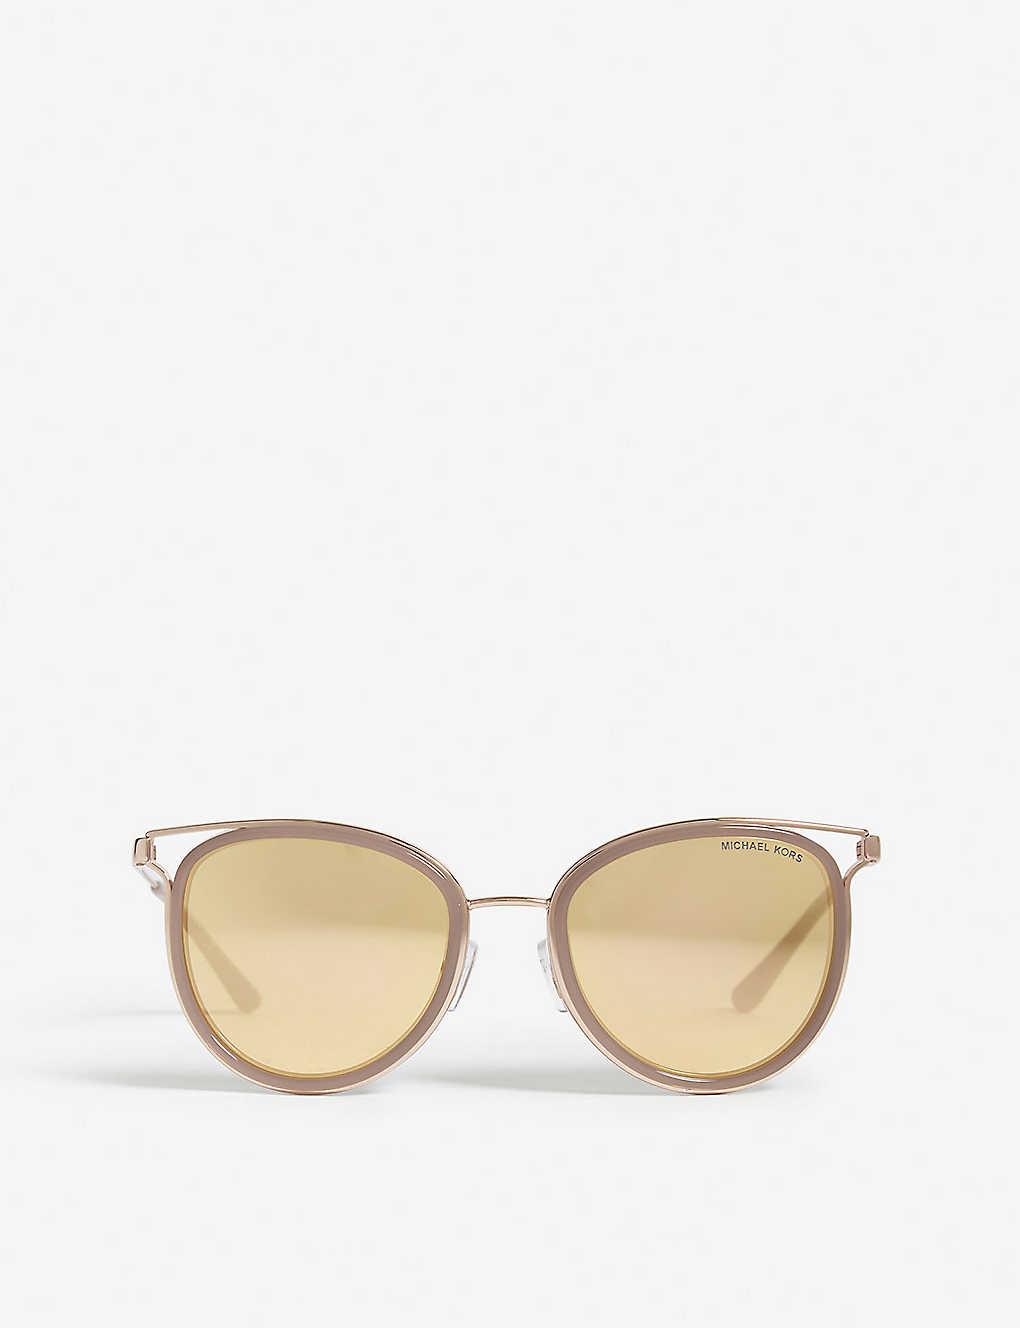 a4e5d02d4160 MICHAEL KORS - Havana cut-out cat-eye frame sunglasses | Selfridges.com